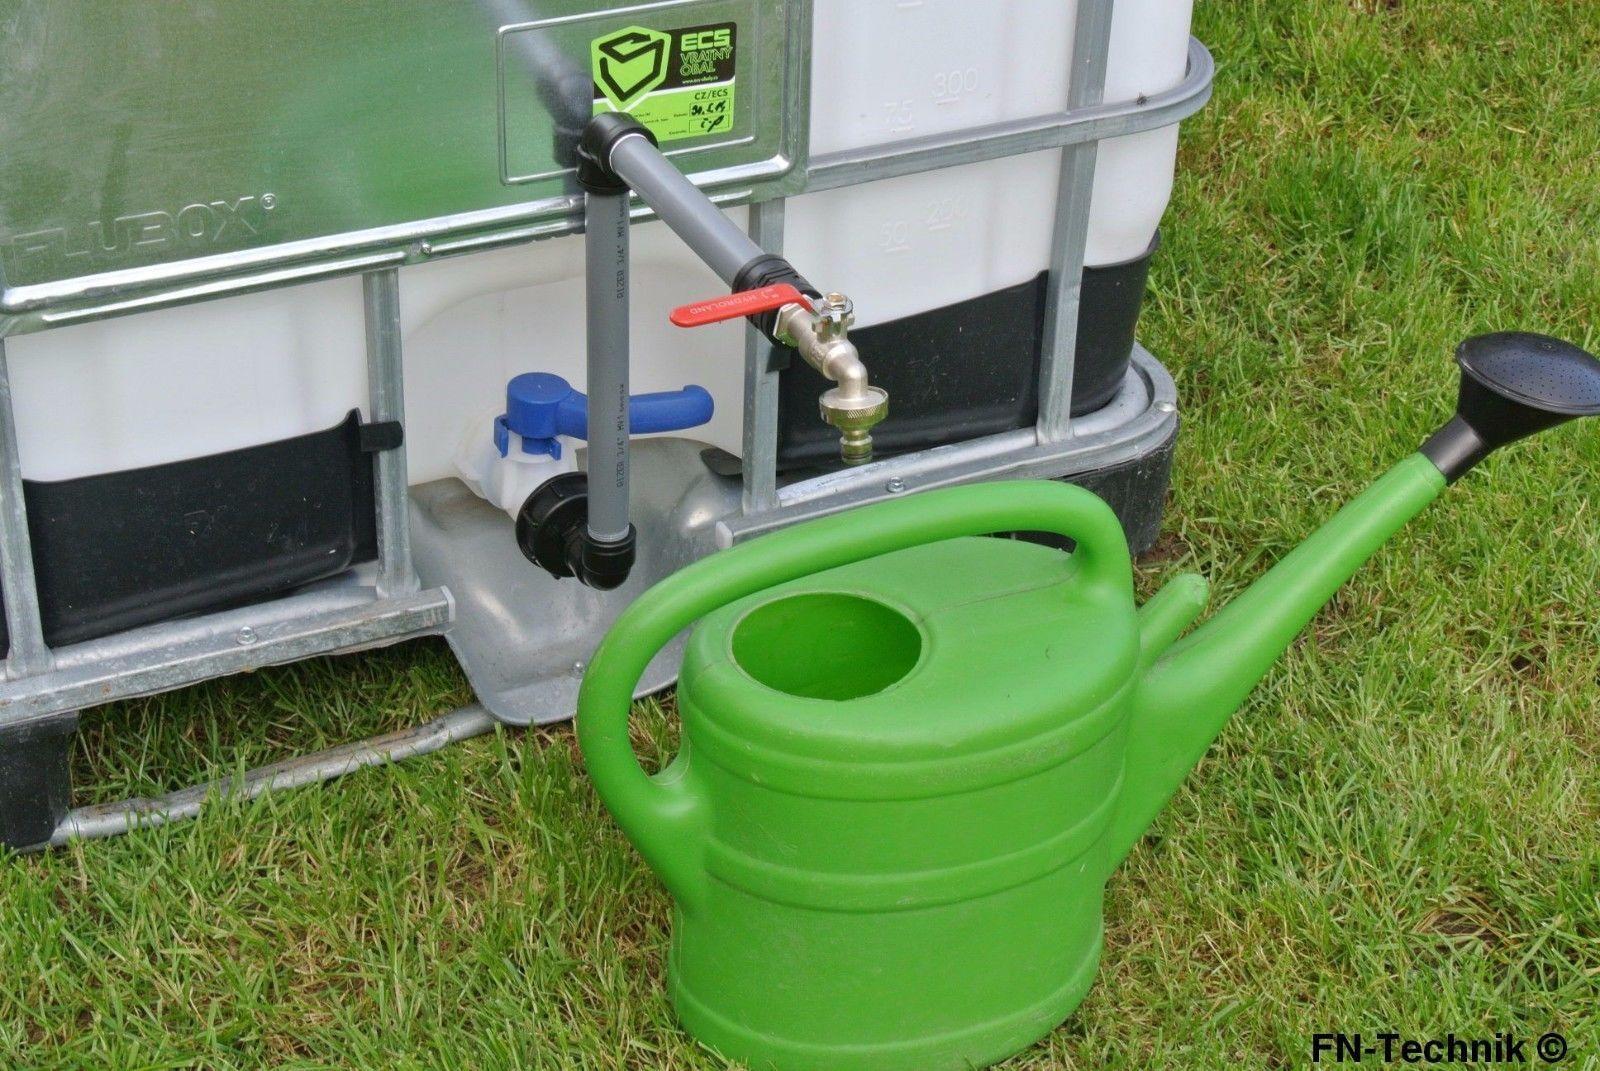 Schwanenhals DN 50 IBC Adapter Container Regenwassertonne Wasserfass Gardena kom